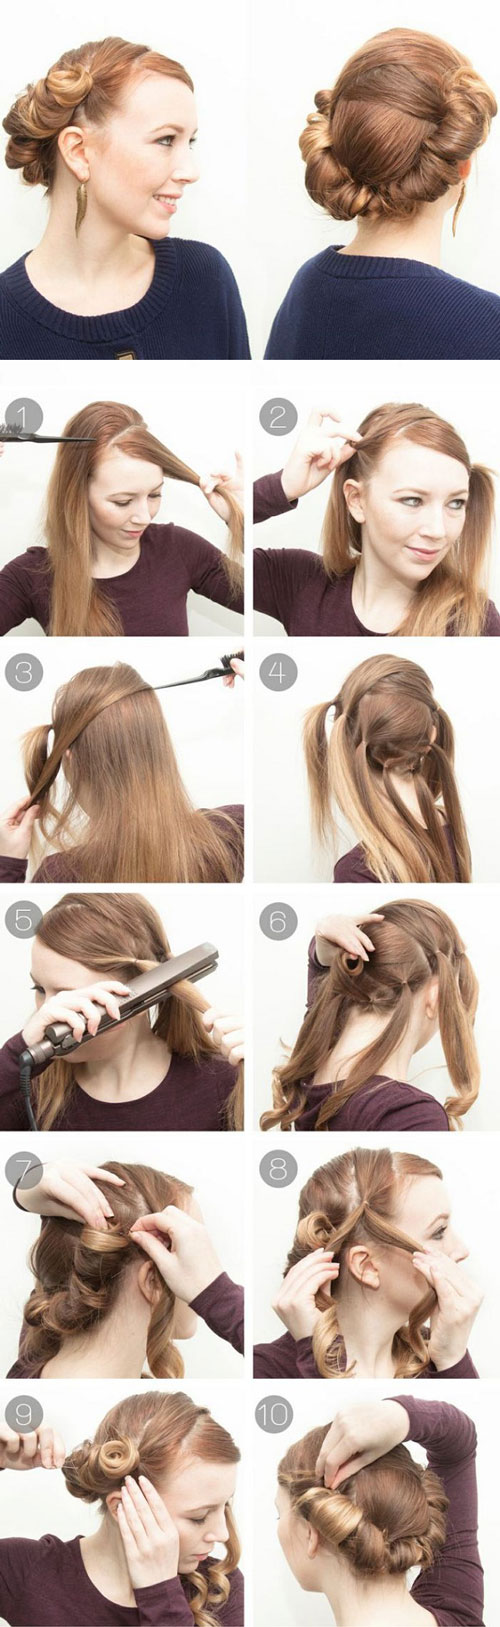 آموزش تصویری شینیون موی ساده - آموزش بستن مو